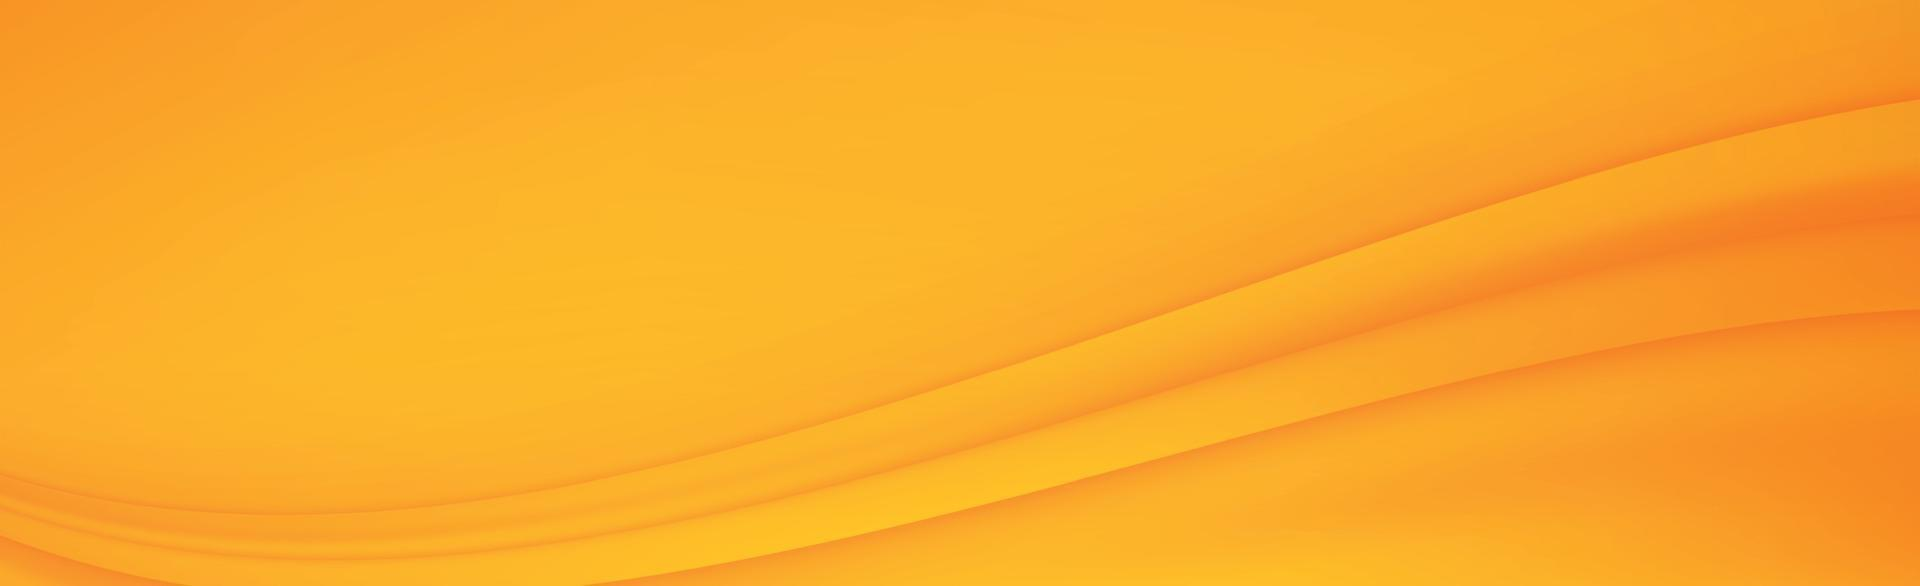 astratto sfondo arancione e giallo con linee ondulate - vettore